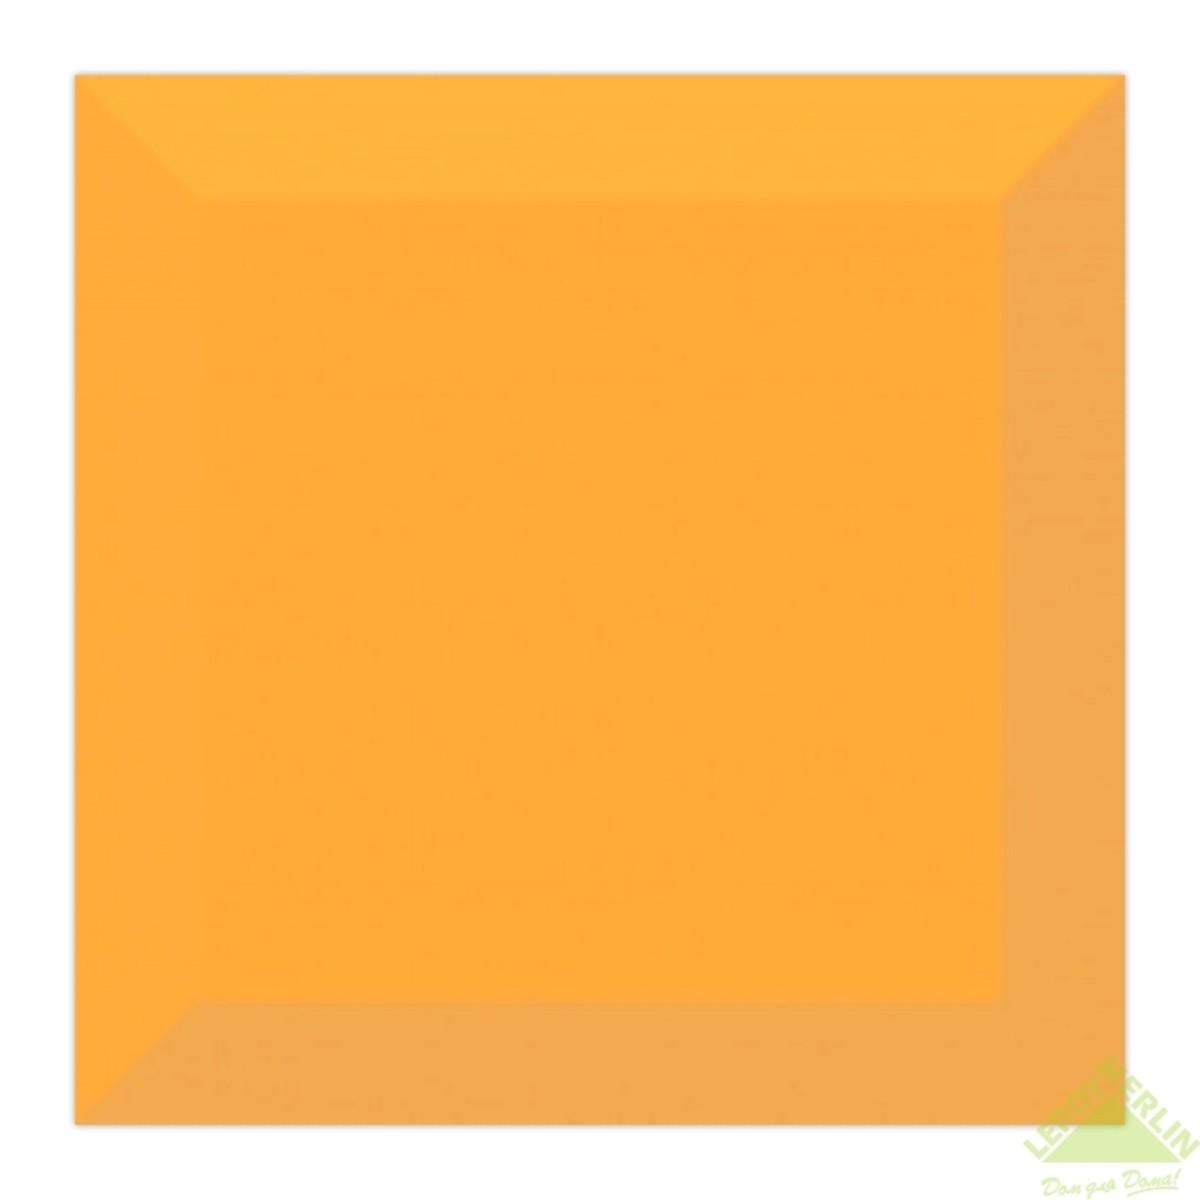 Плитка настенная Порто цвет оранжевый 15x15 см 1035 м2